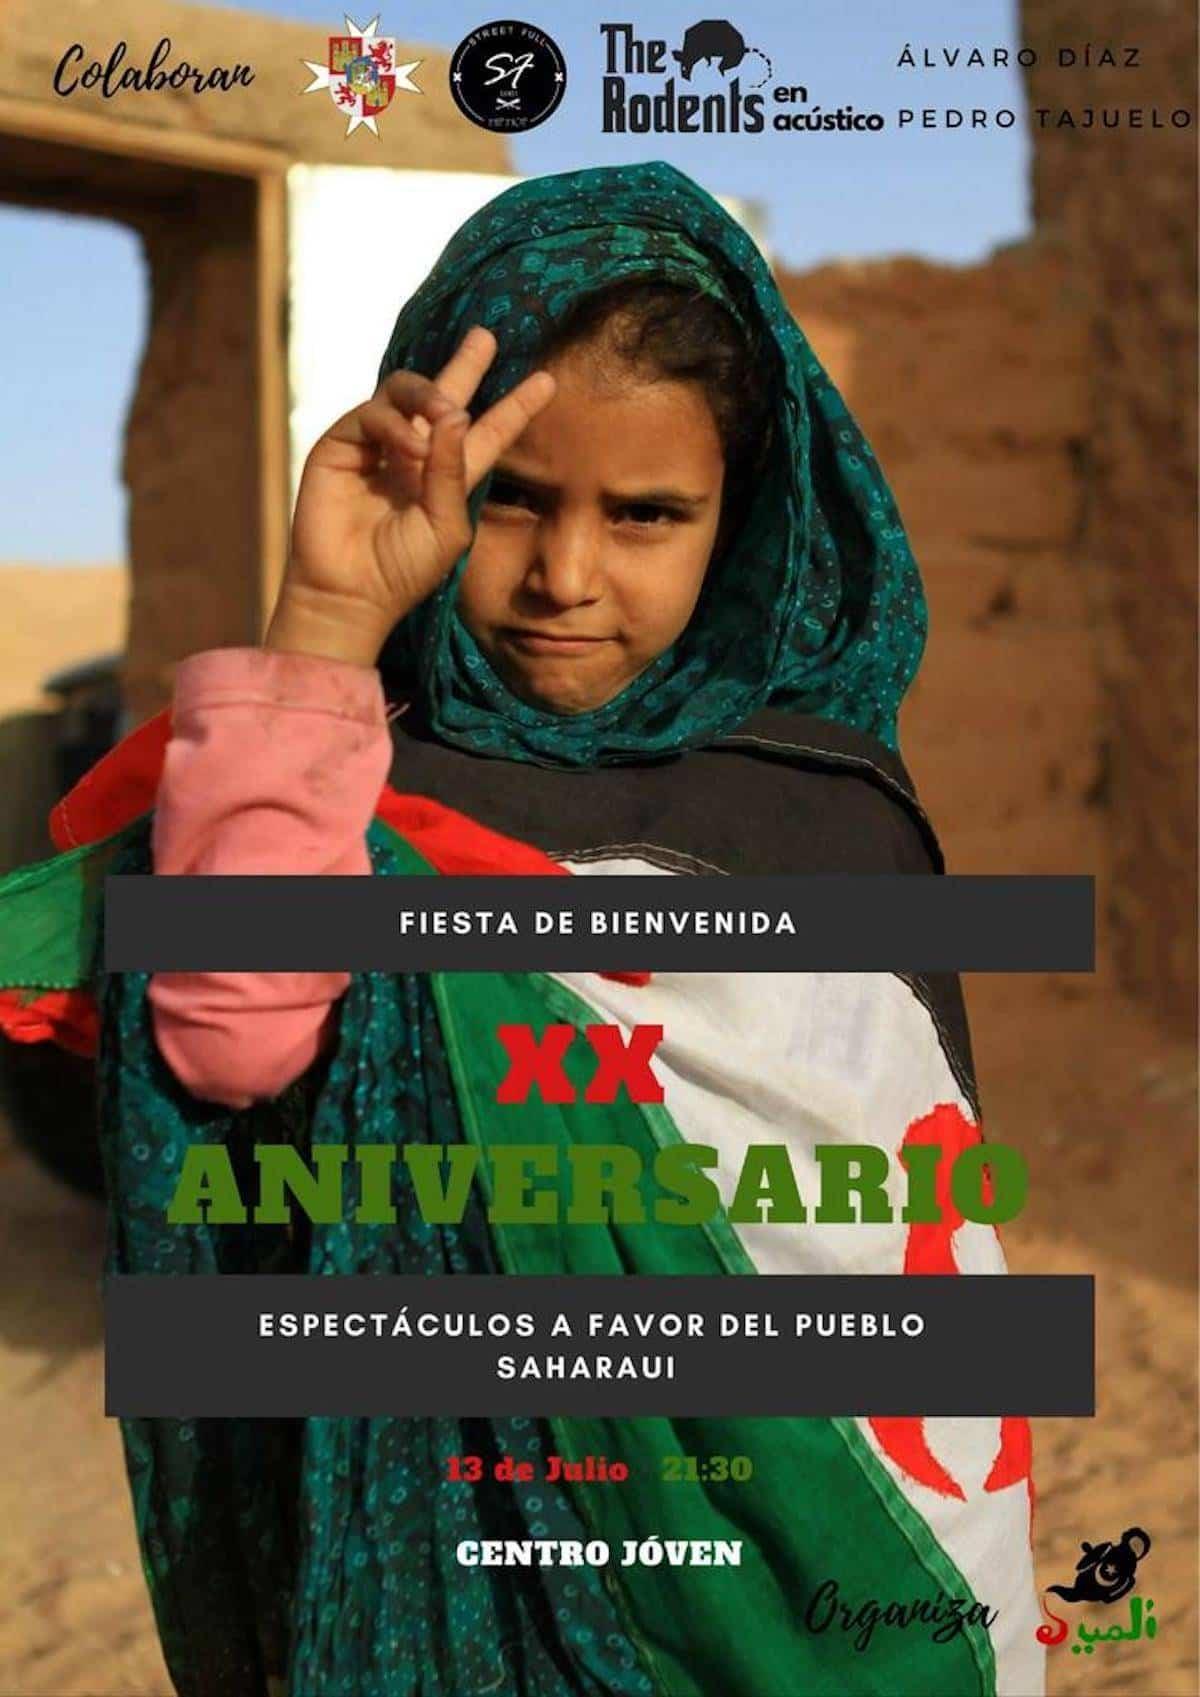 Fiesta de bienvenida XX Aniversario a favor del Pueblo Saharaui 3